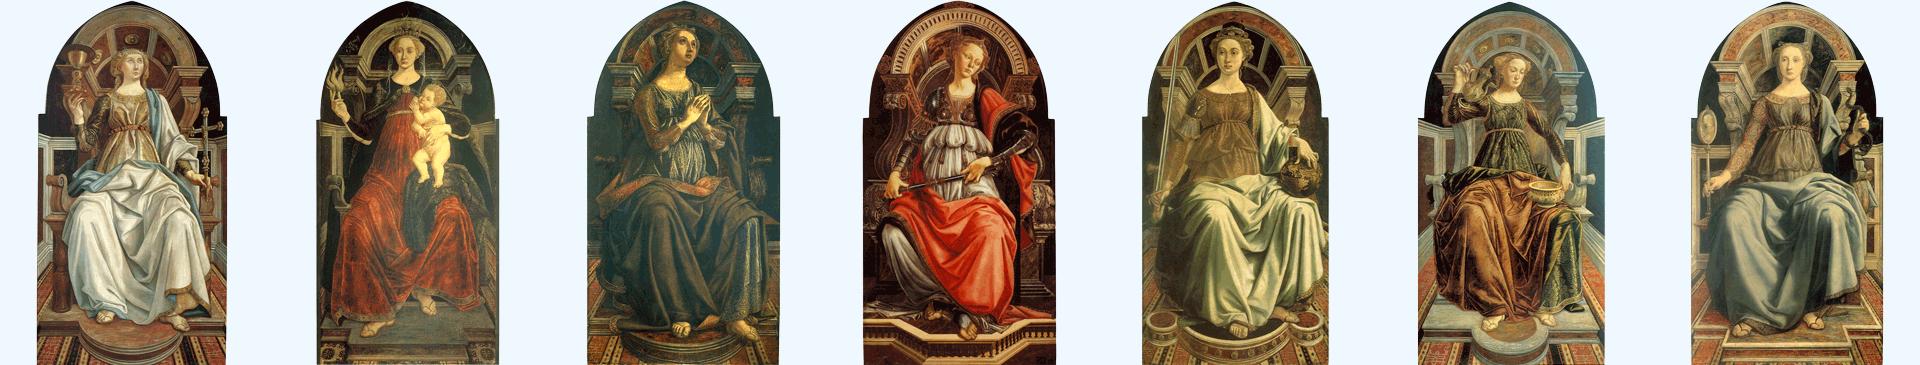 Le sette virtu, Piero del Pollaiolo